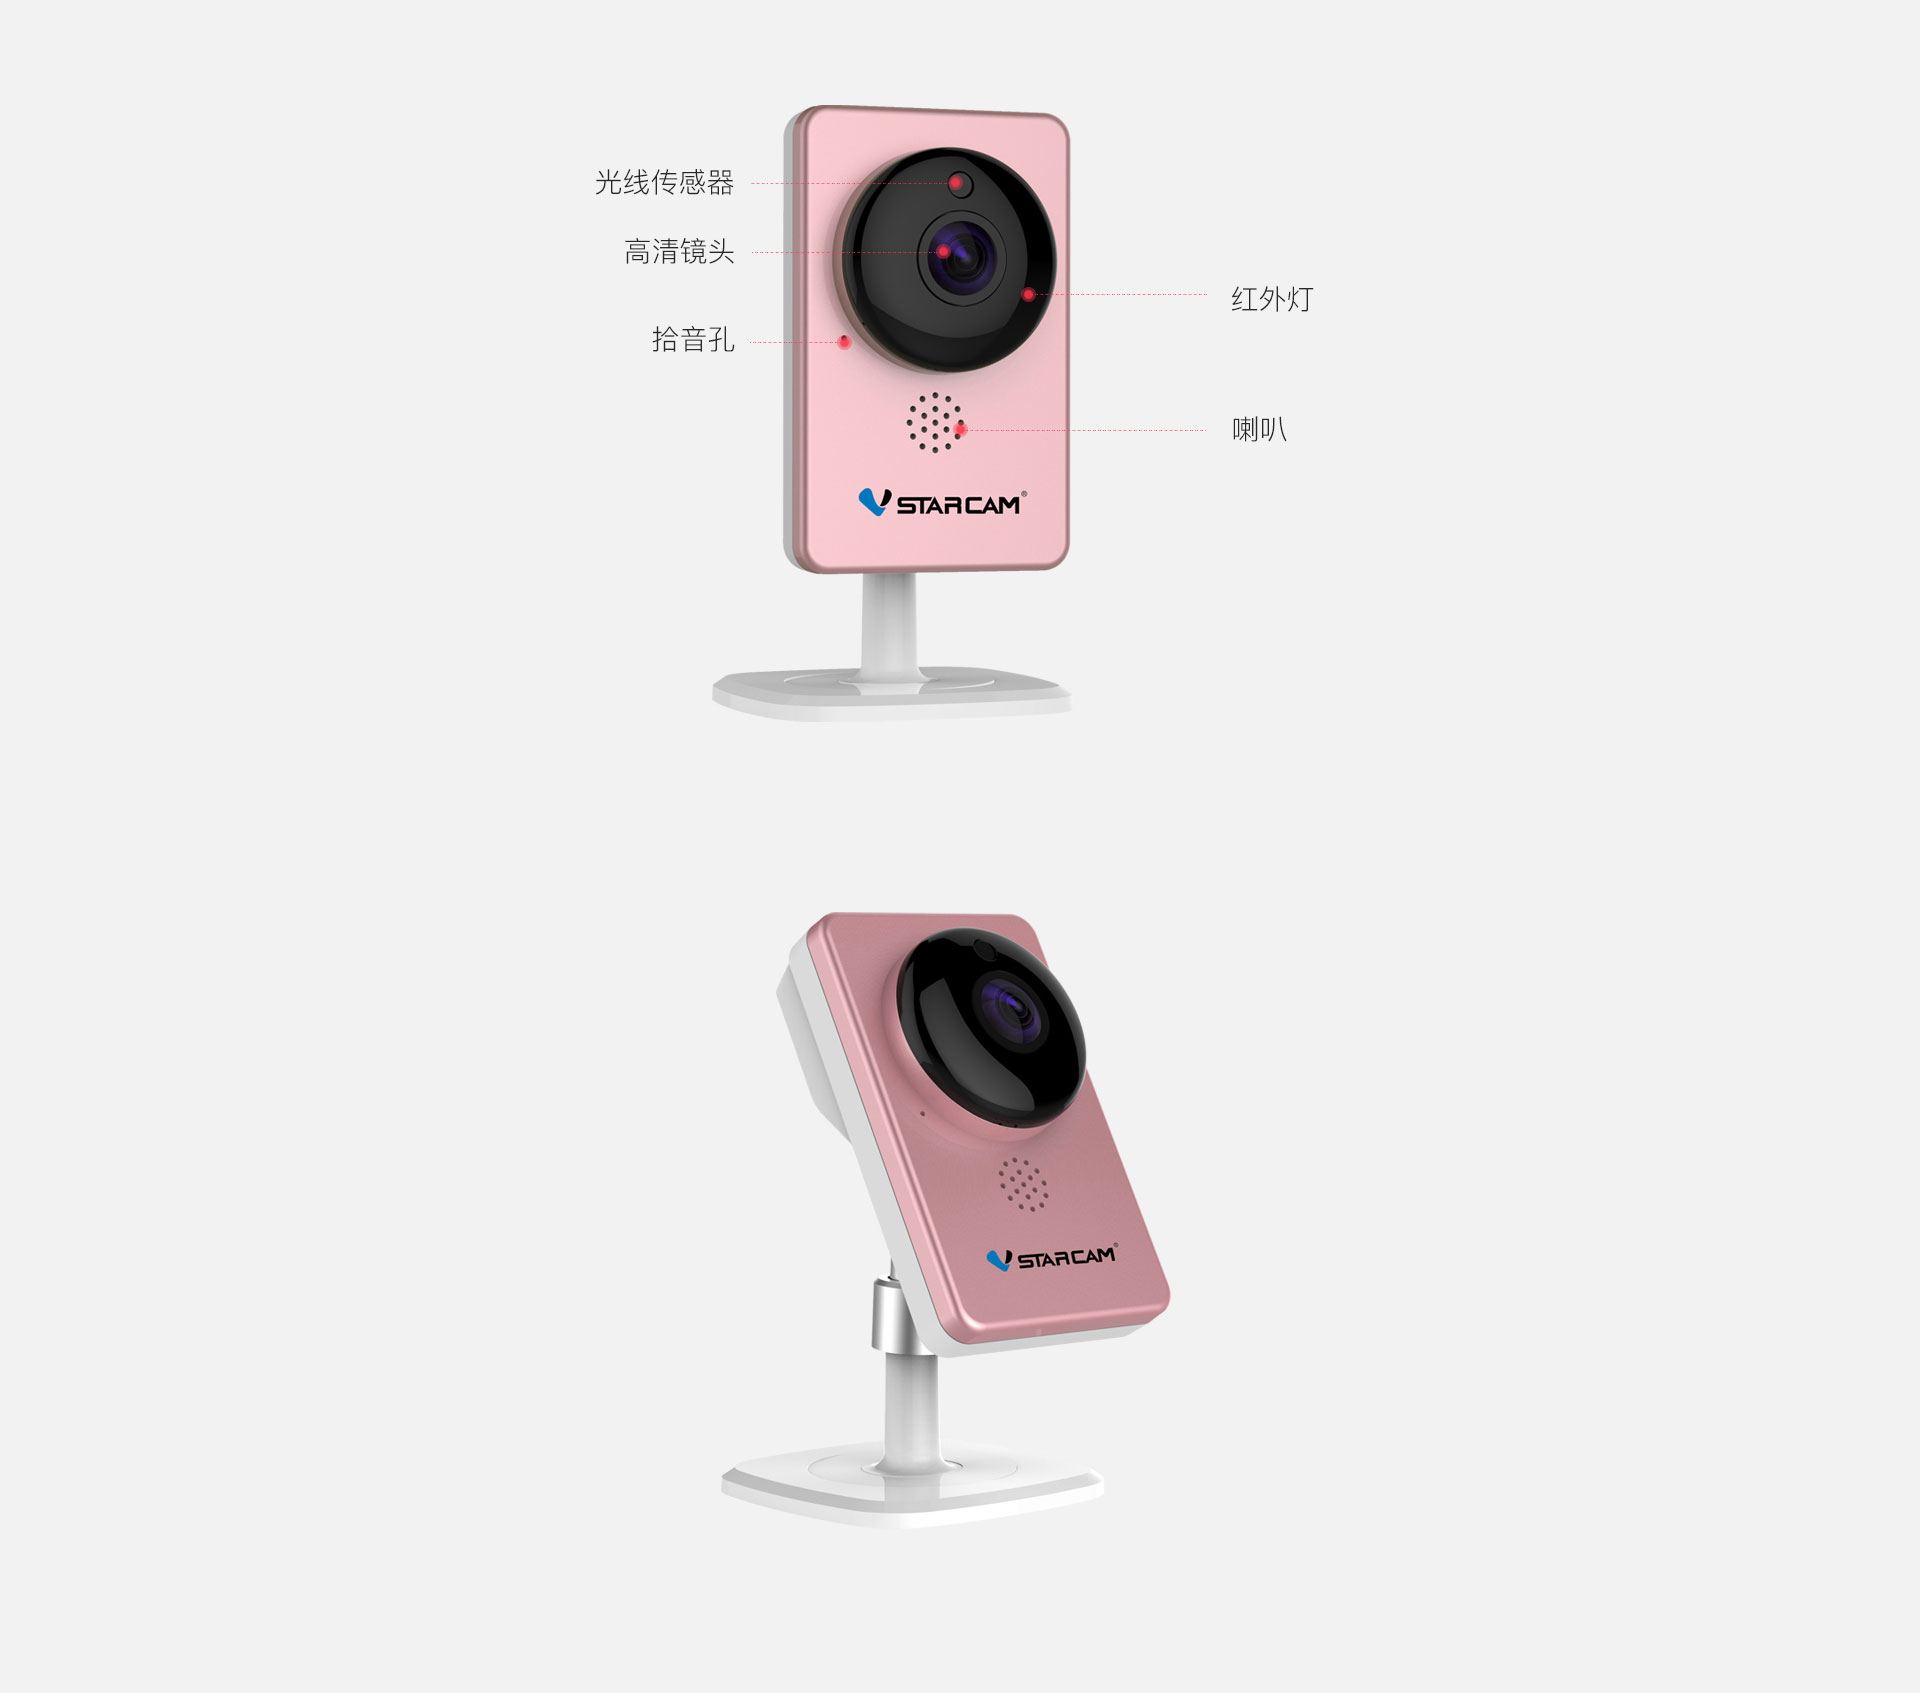 全景网络摄像机